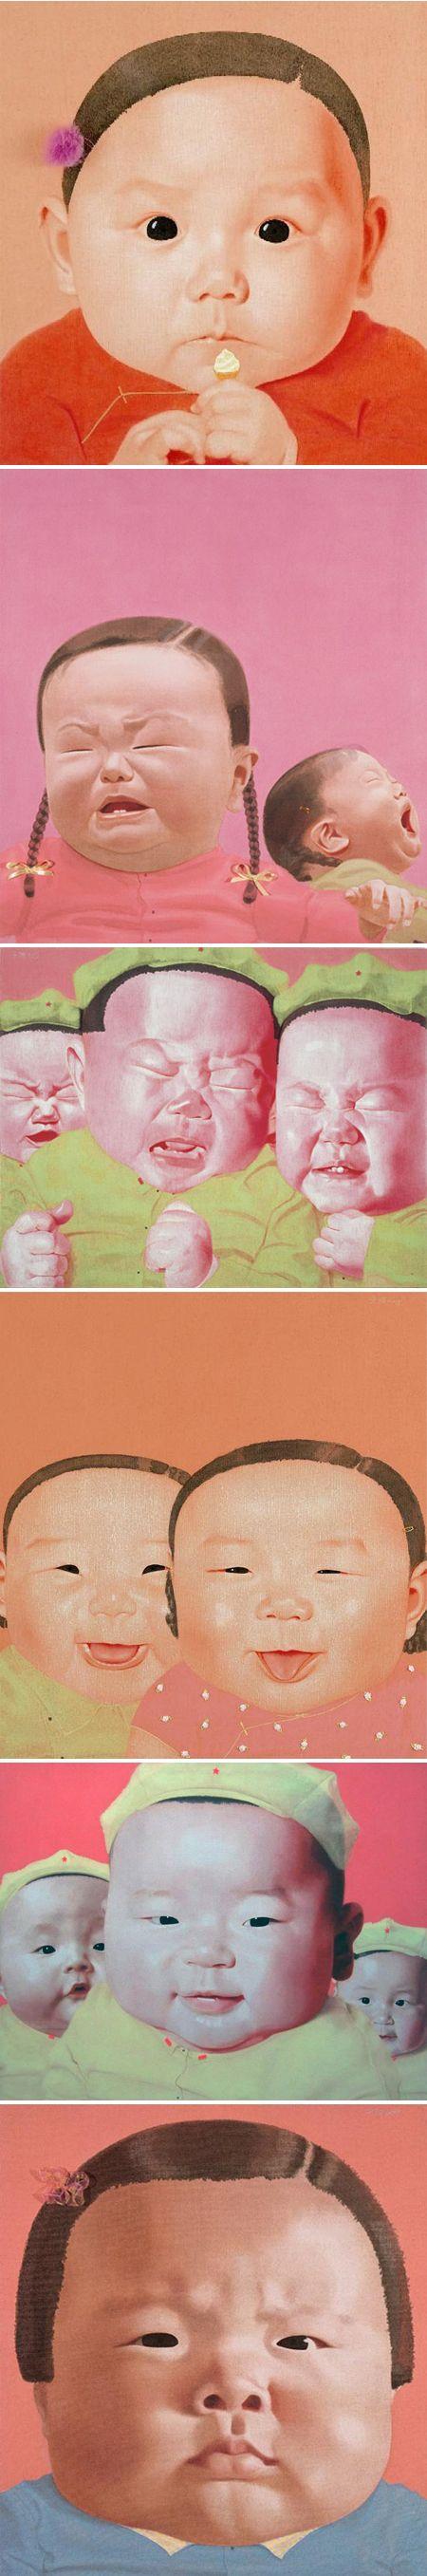 yuchen.jpg (450×2714)